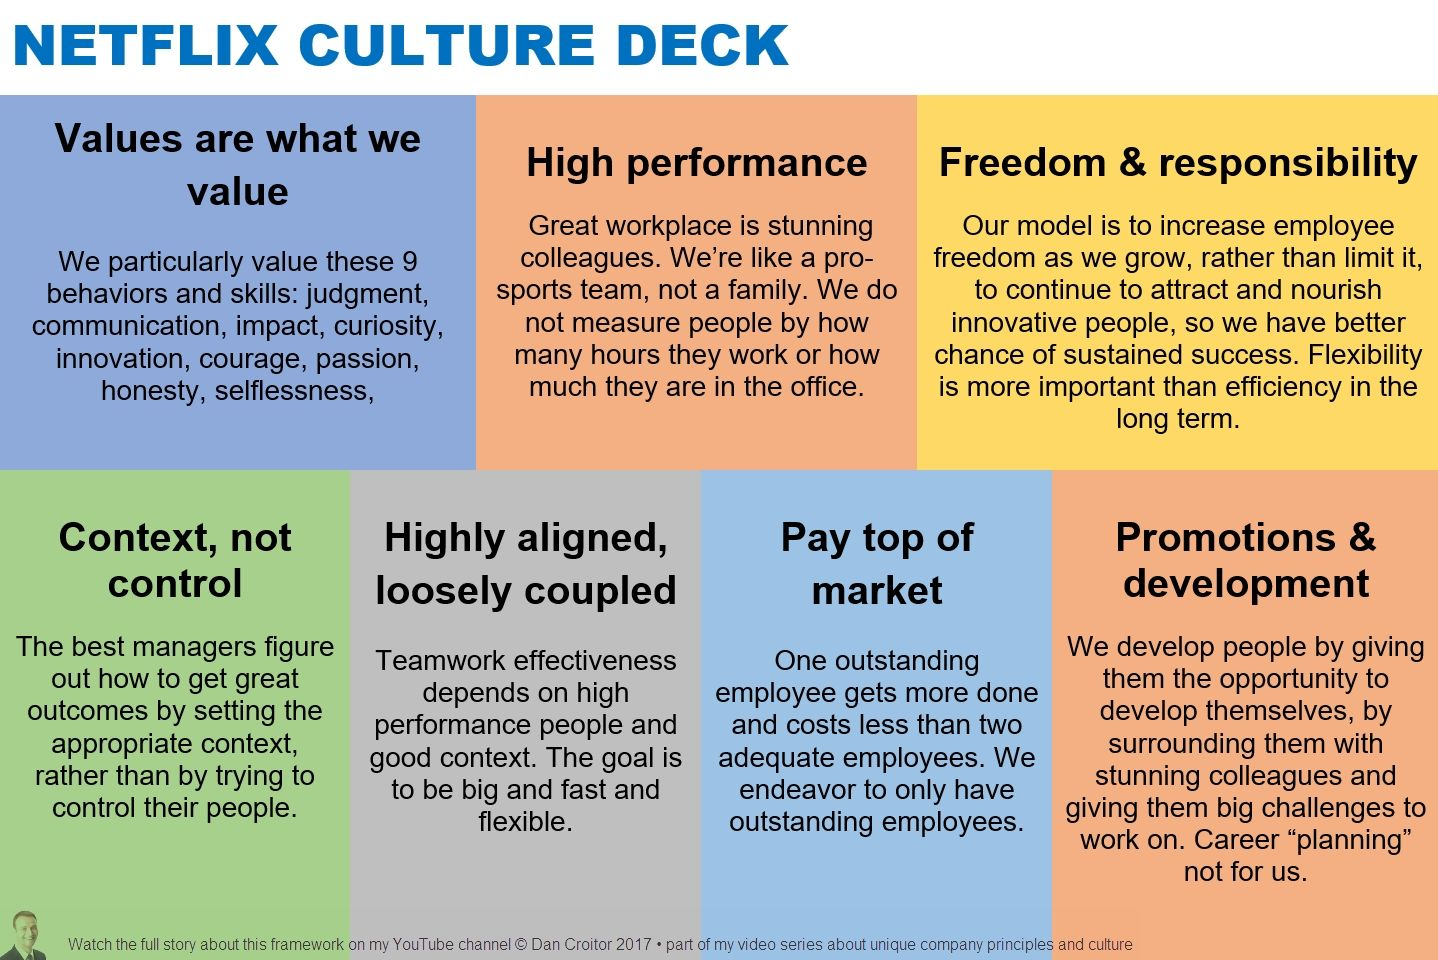 netflix culture